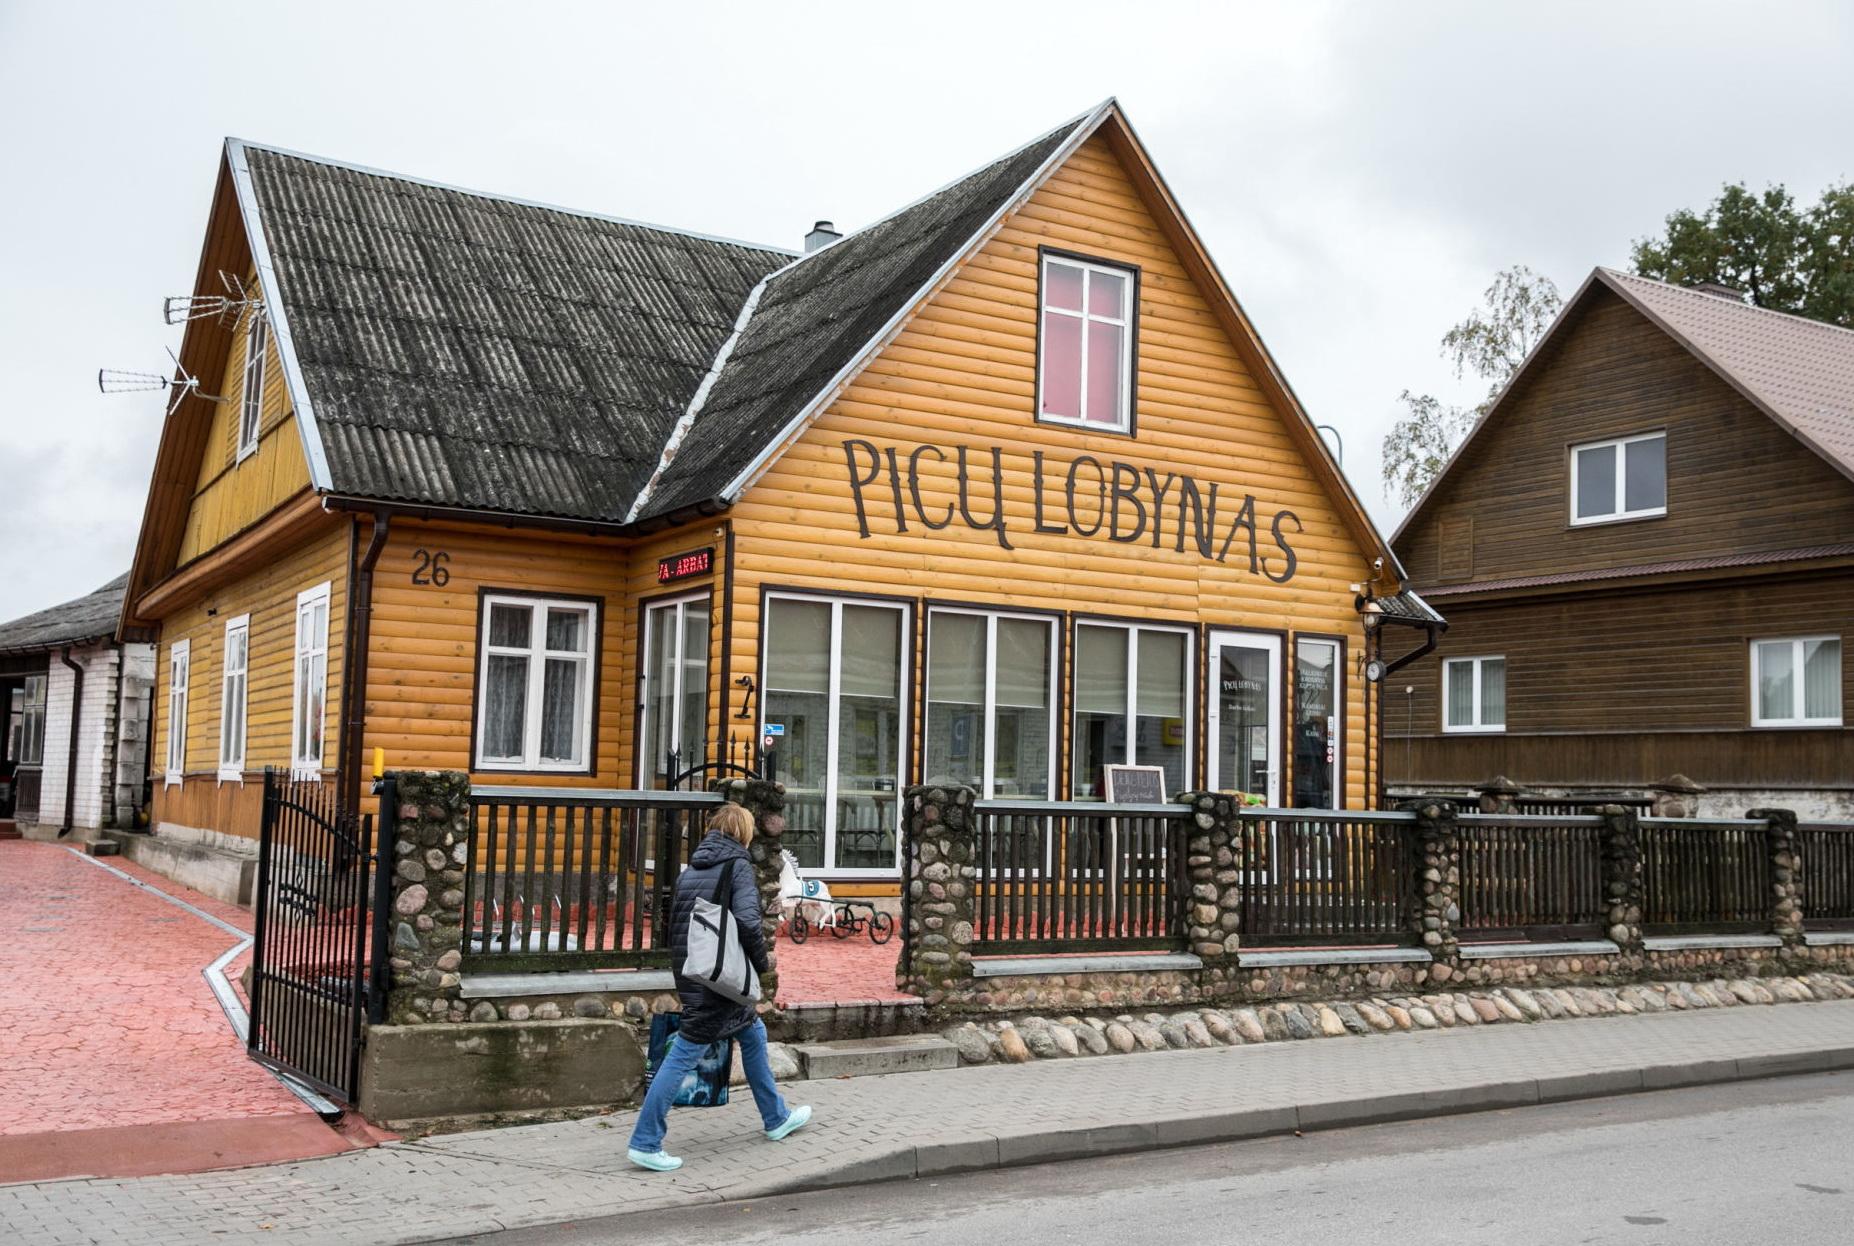 63m2 Kupolinė picerija Ø9m   Picų lobynas, Rūdiškės